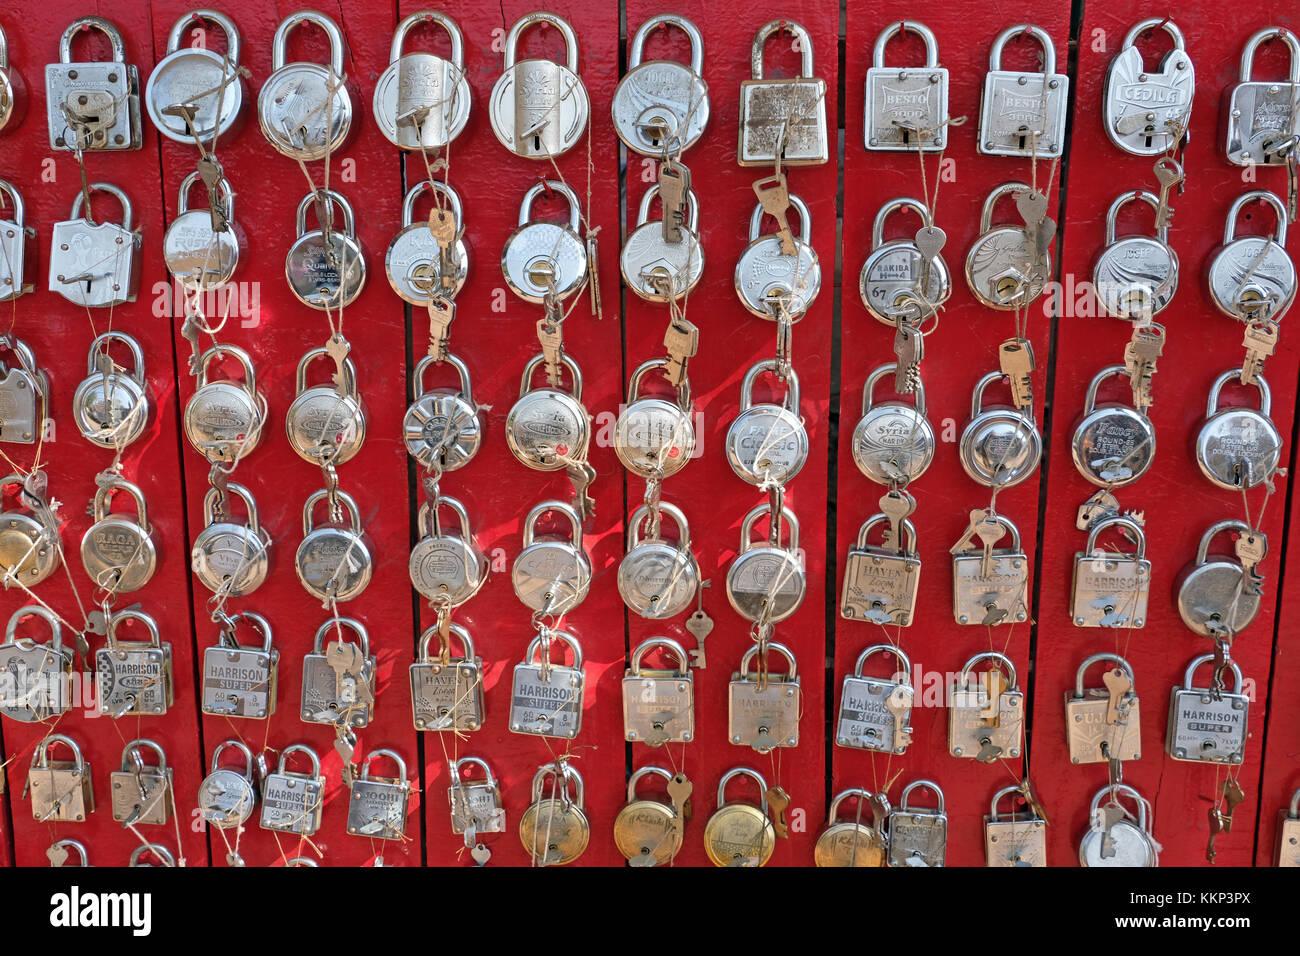 Eine Anzeige der Schlösser/Vorhängeschlösser in einem Markt, Indien Stockbild